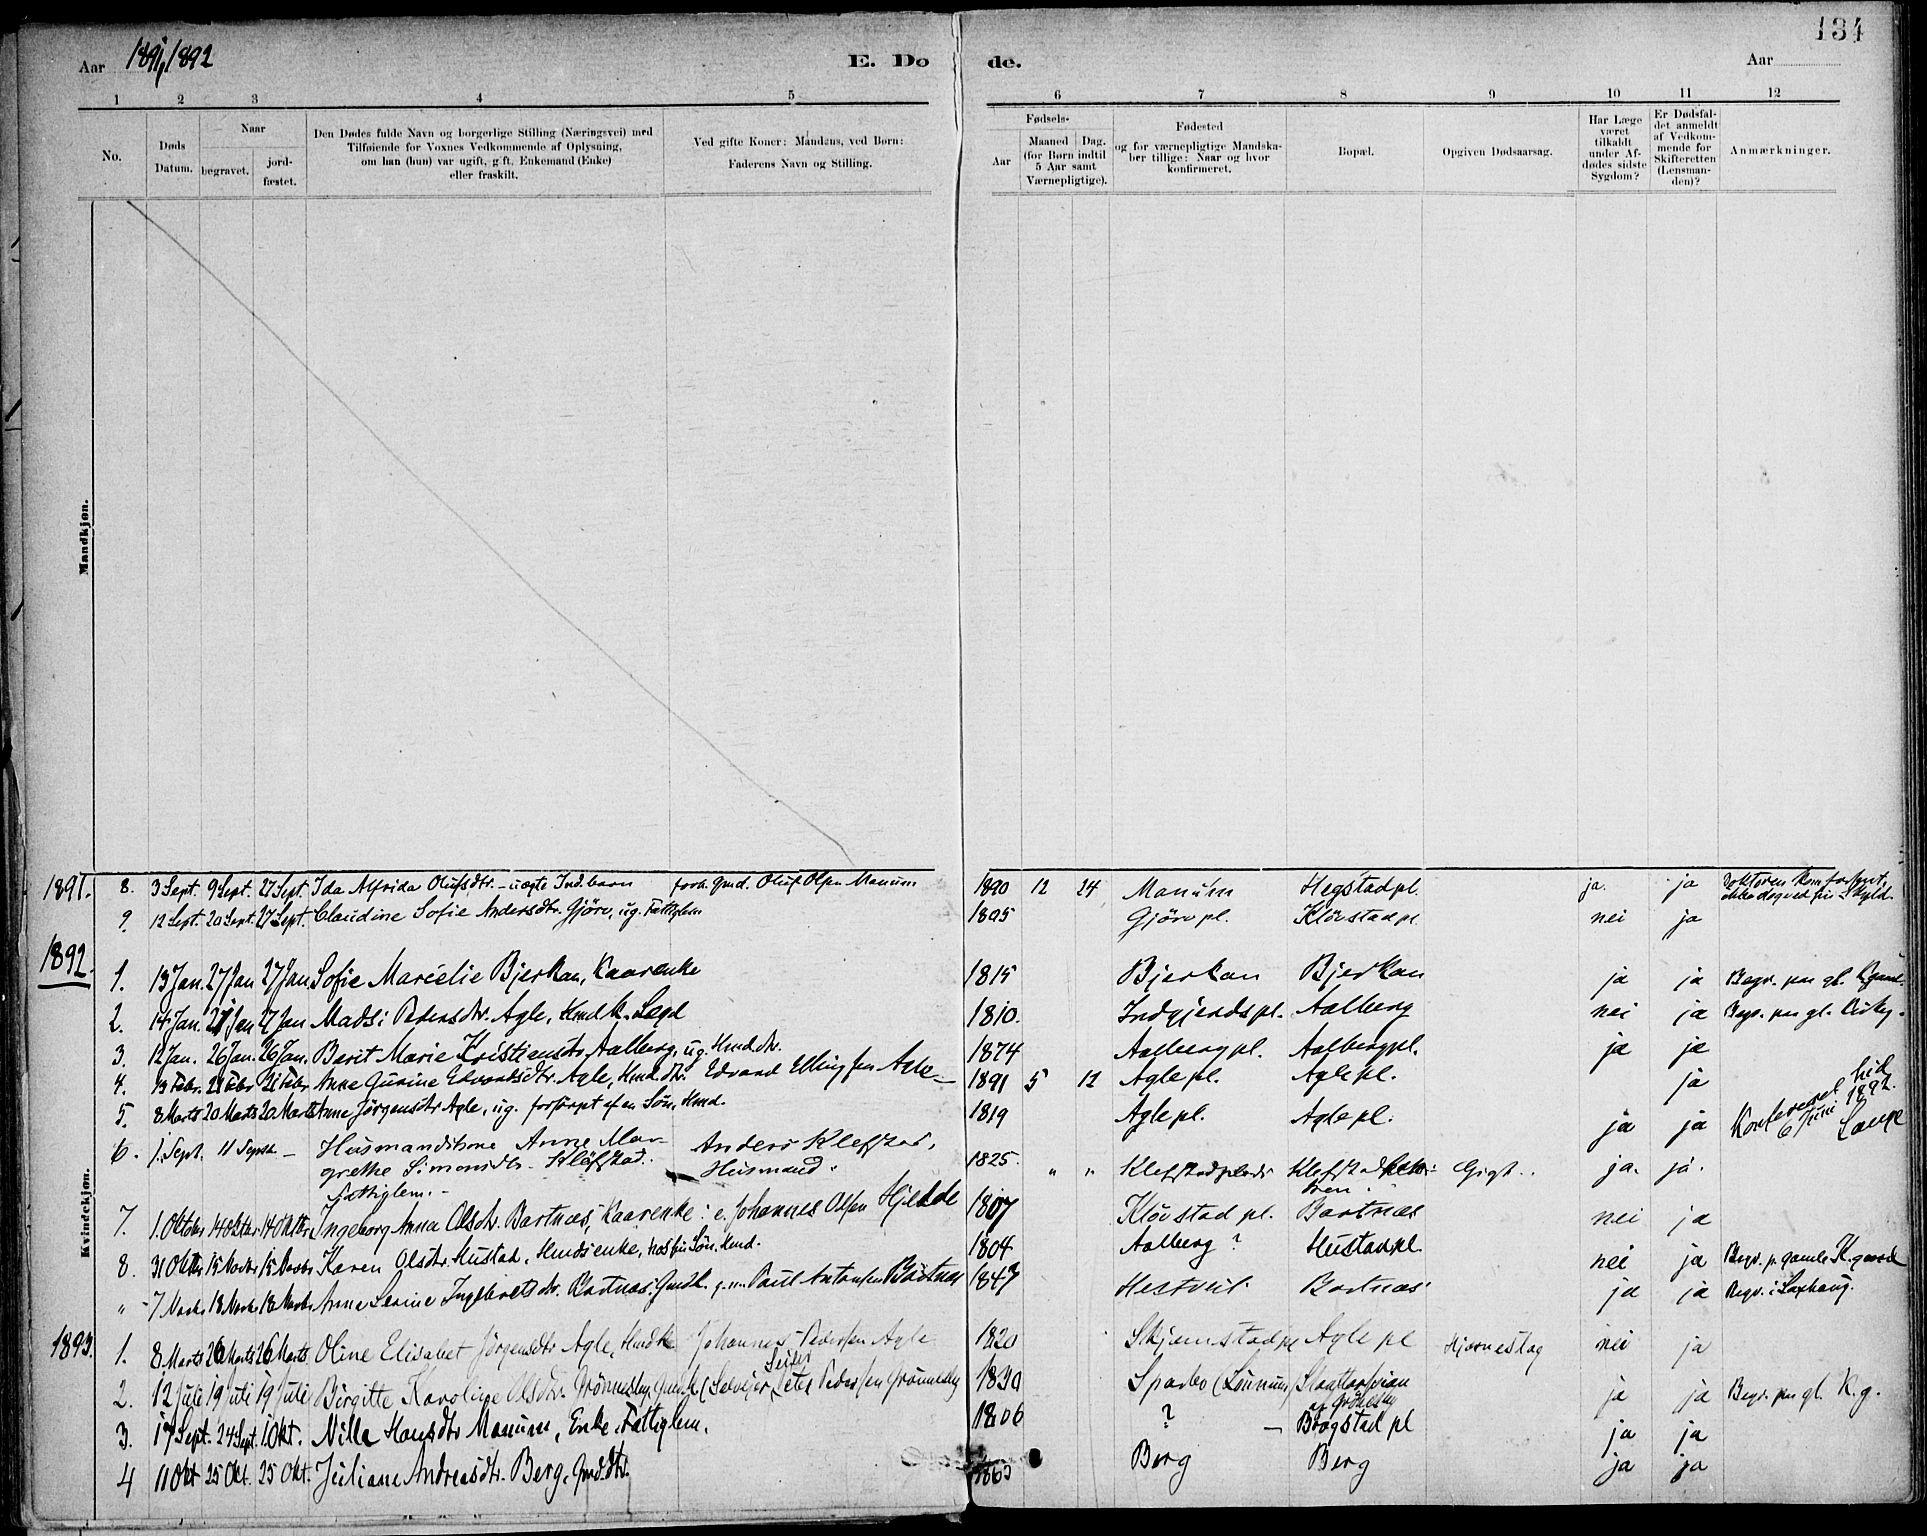 SAT, Ministerialprotokoller, klokkerbøker og fødselsregistre - Nord-Trøndelag, 732/L0316: Ministerialbok nr. 732A01, 1879-1921, s. 134